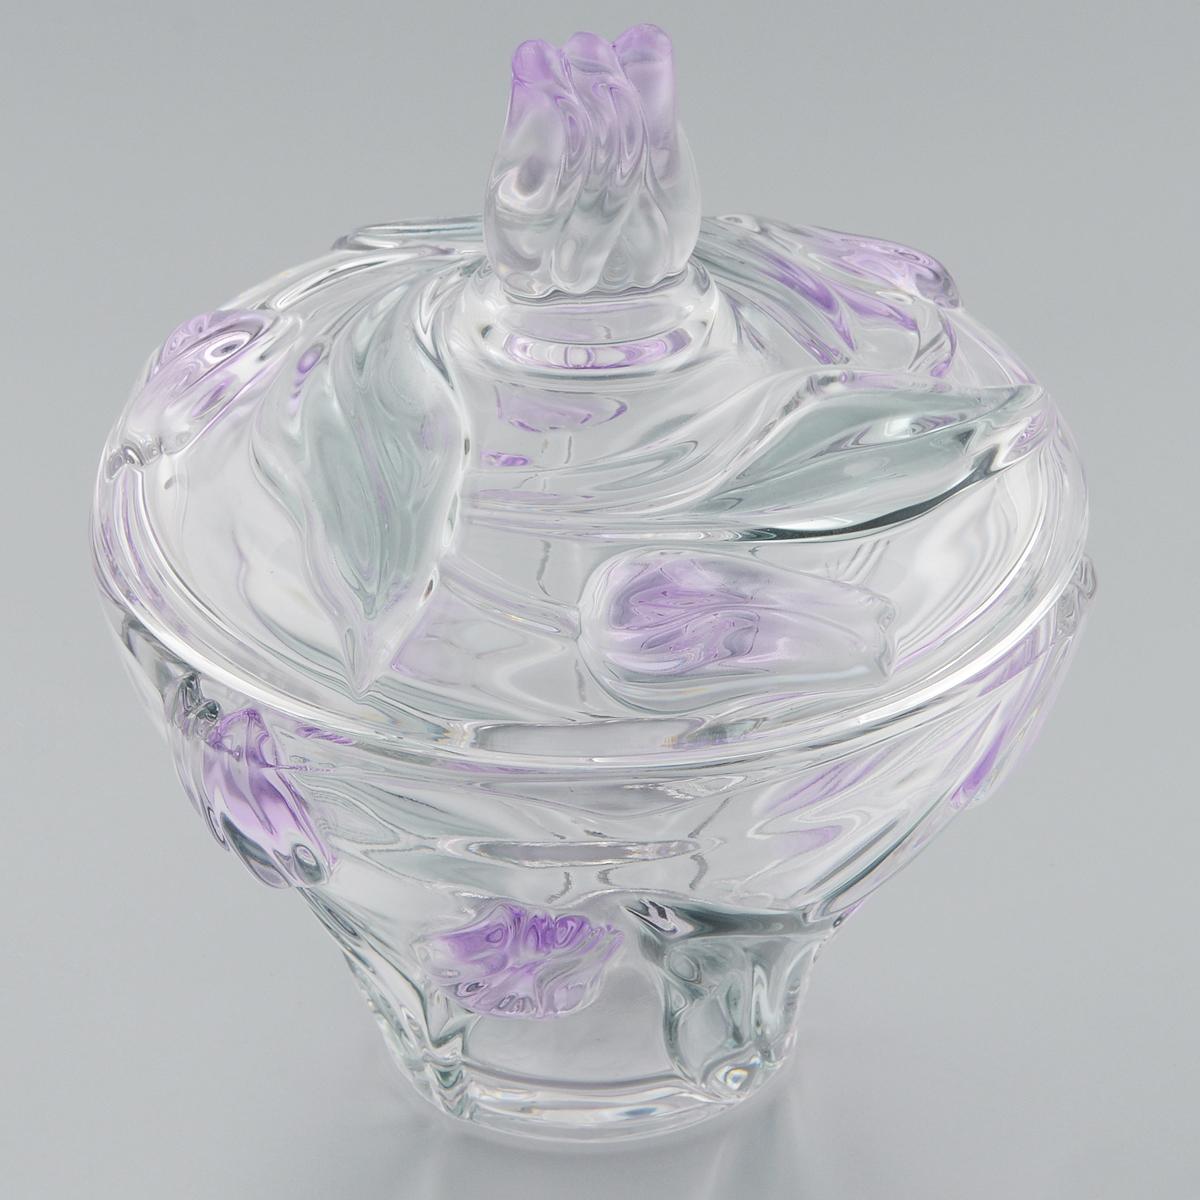 Сахарница Walther-Glas Nadine, диаметр 15 см17319Сахарница Walther-Glas Nadine выполнена из высококачественного толстого стекла и декорирована рельефом в форме цветов. Сахарница, несомненно, понравится любителям классического стиля. Такая сахарница украсит ваш праздничный или обеденный стол, а яркое оформление понравится любой хозяйке.Применять только мягкие моющие средства и избегать мытья в посудомоечной машине.